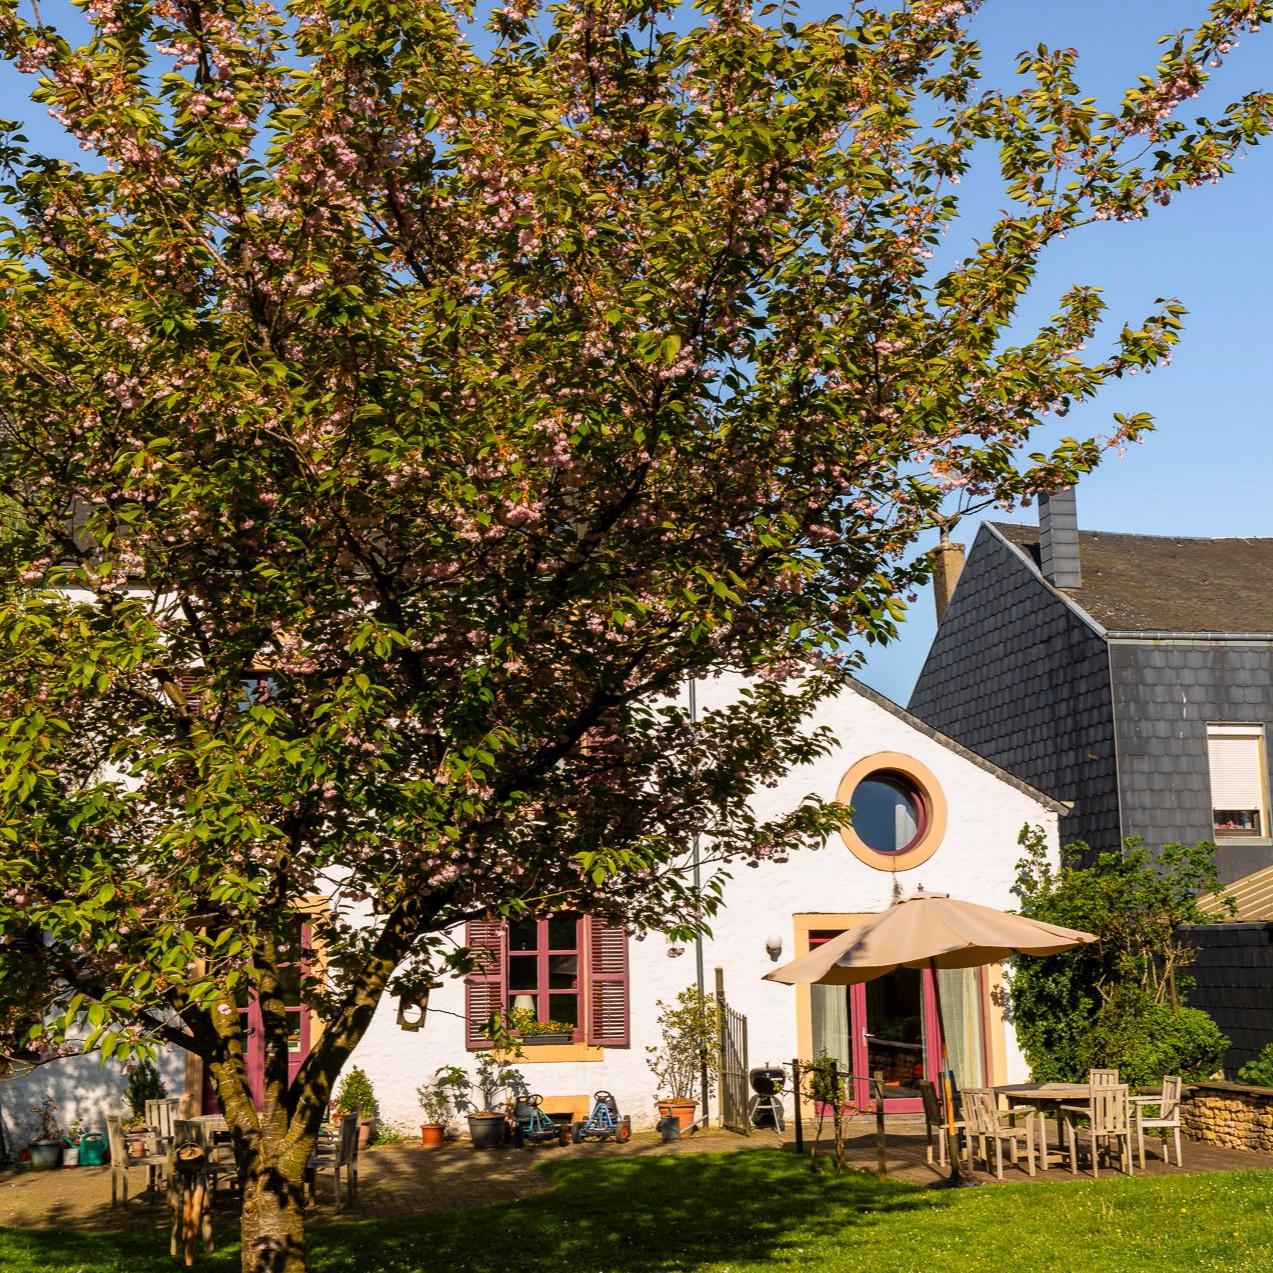 petite maison blanche cacher par un petit arbre